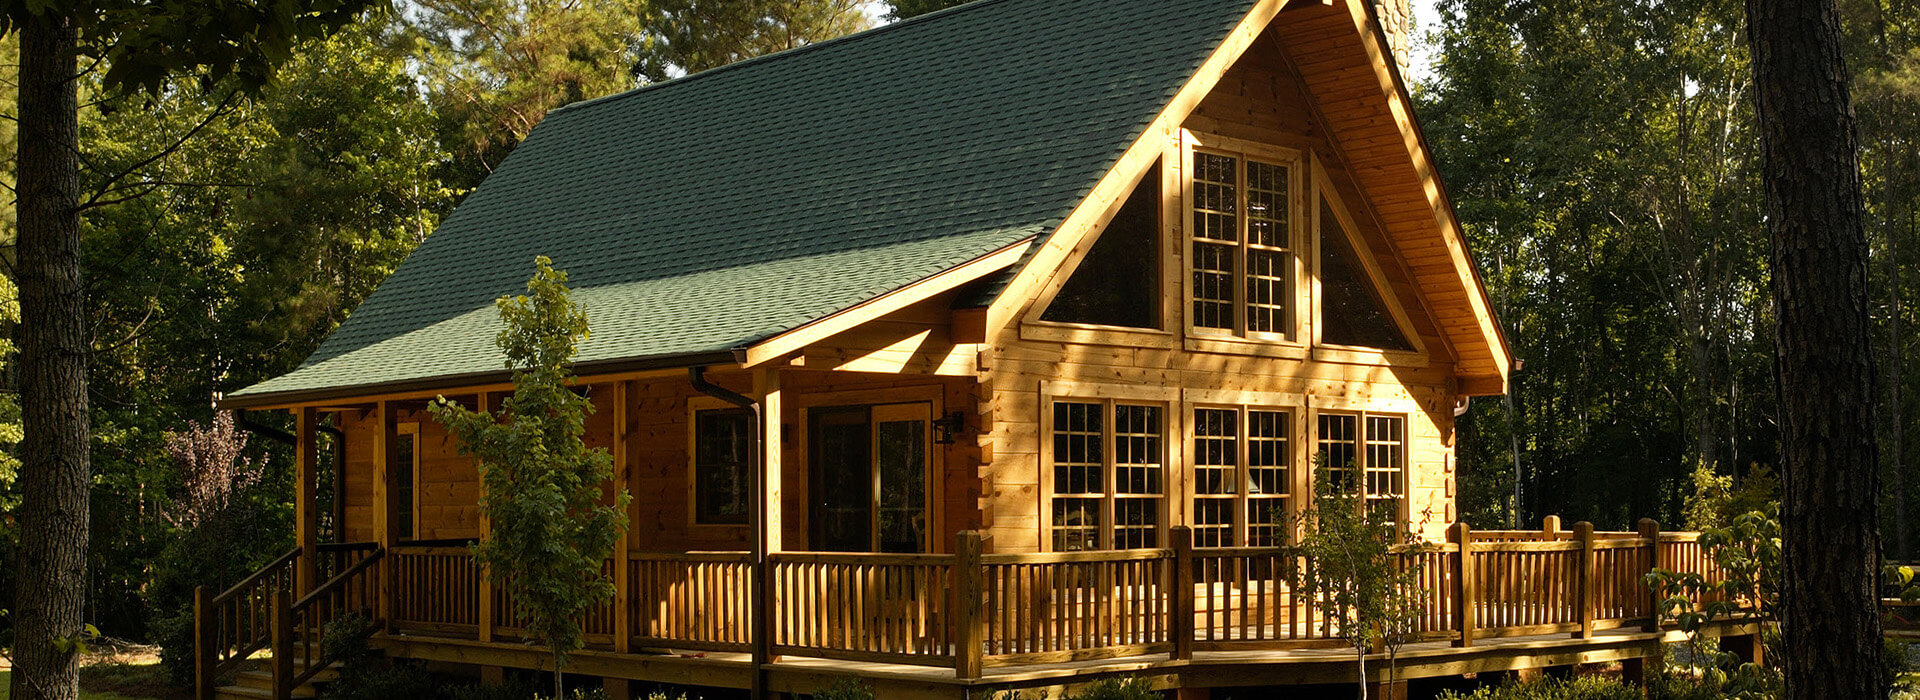 Shop log cabin homes for Log cabin financing